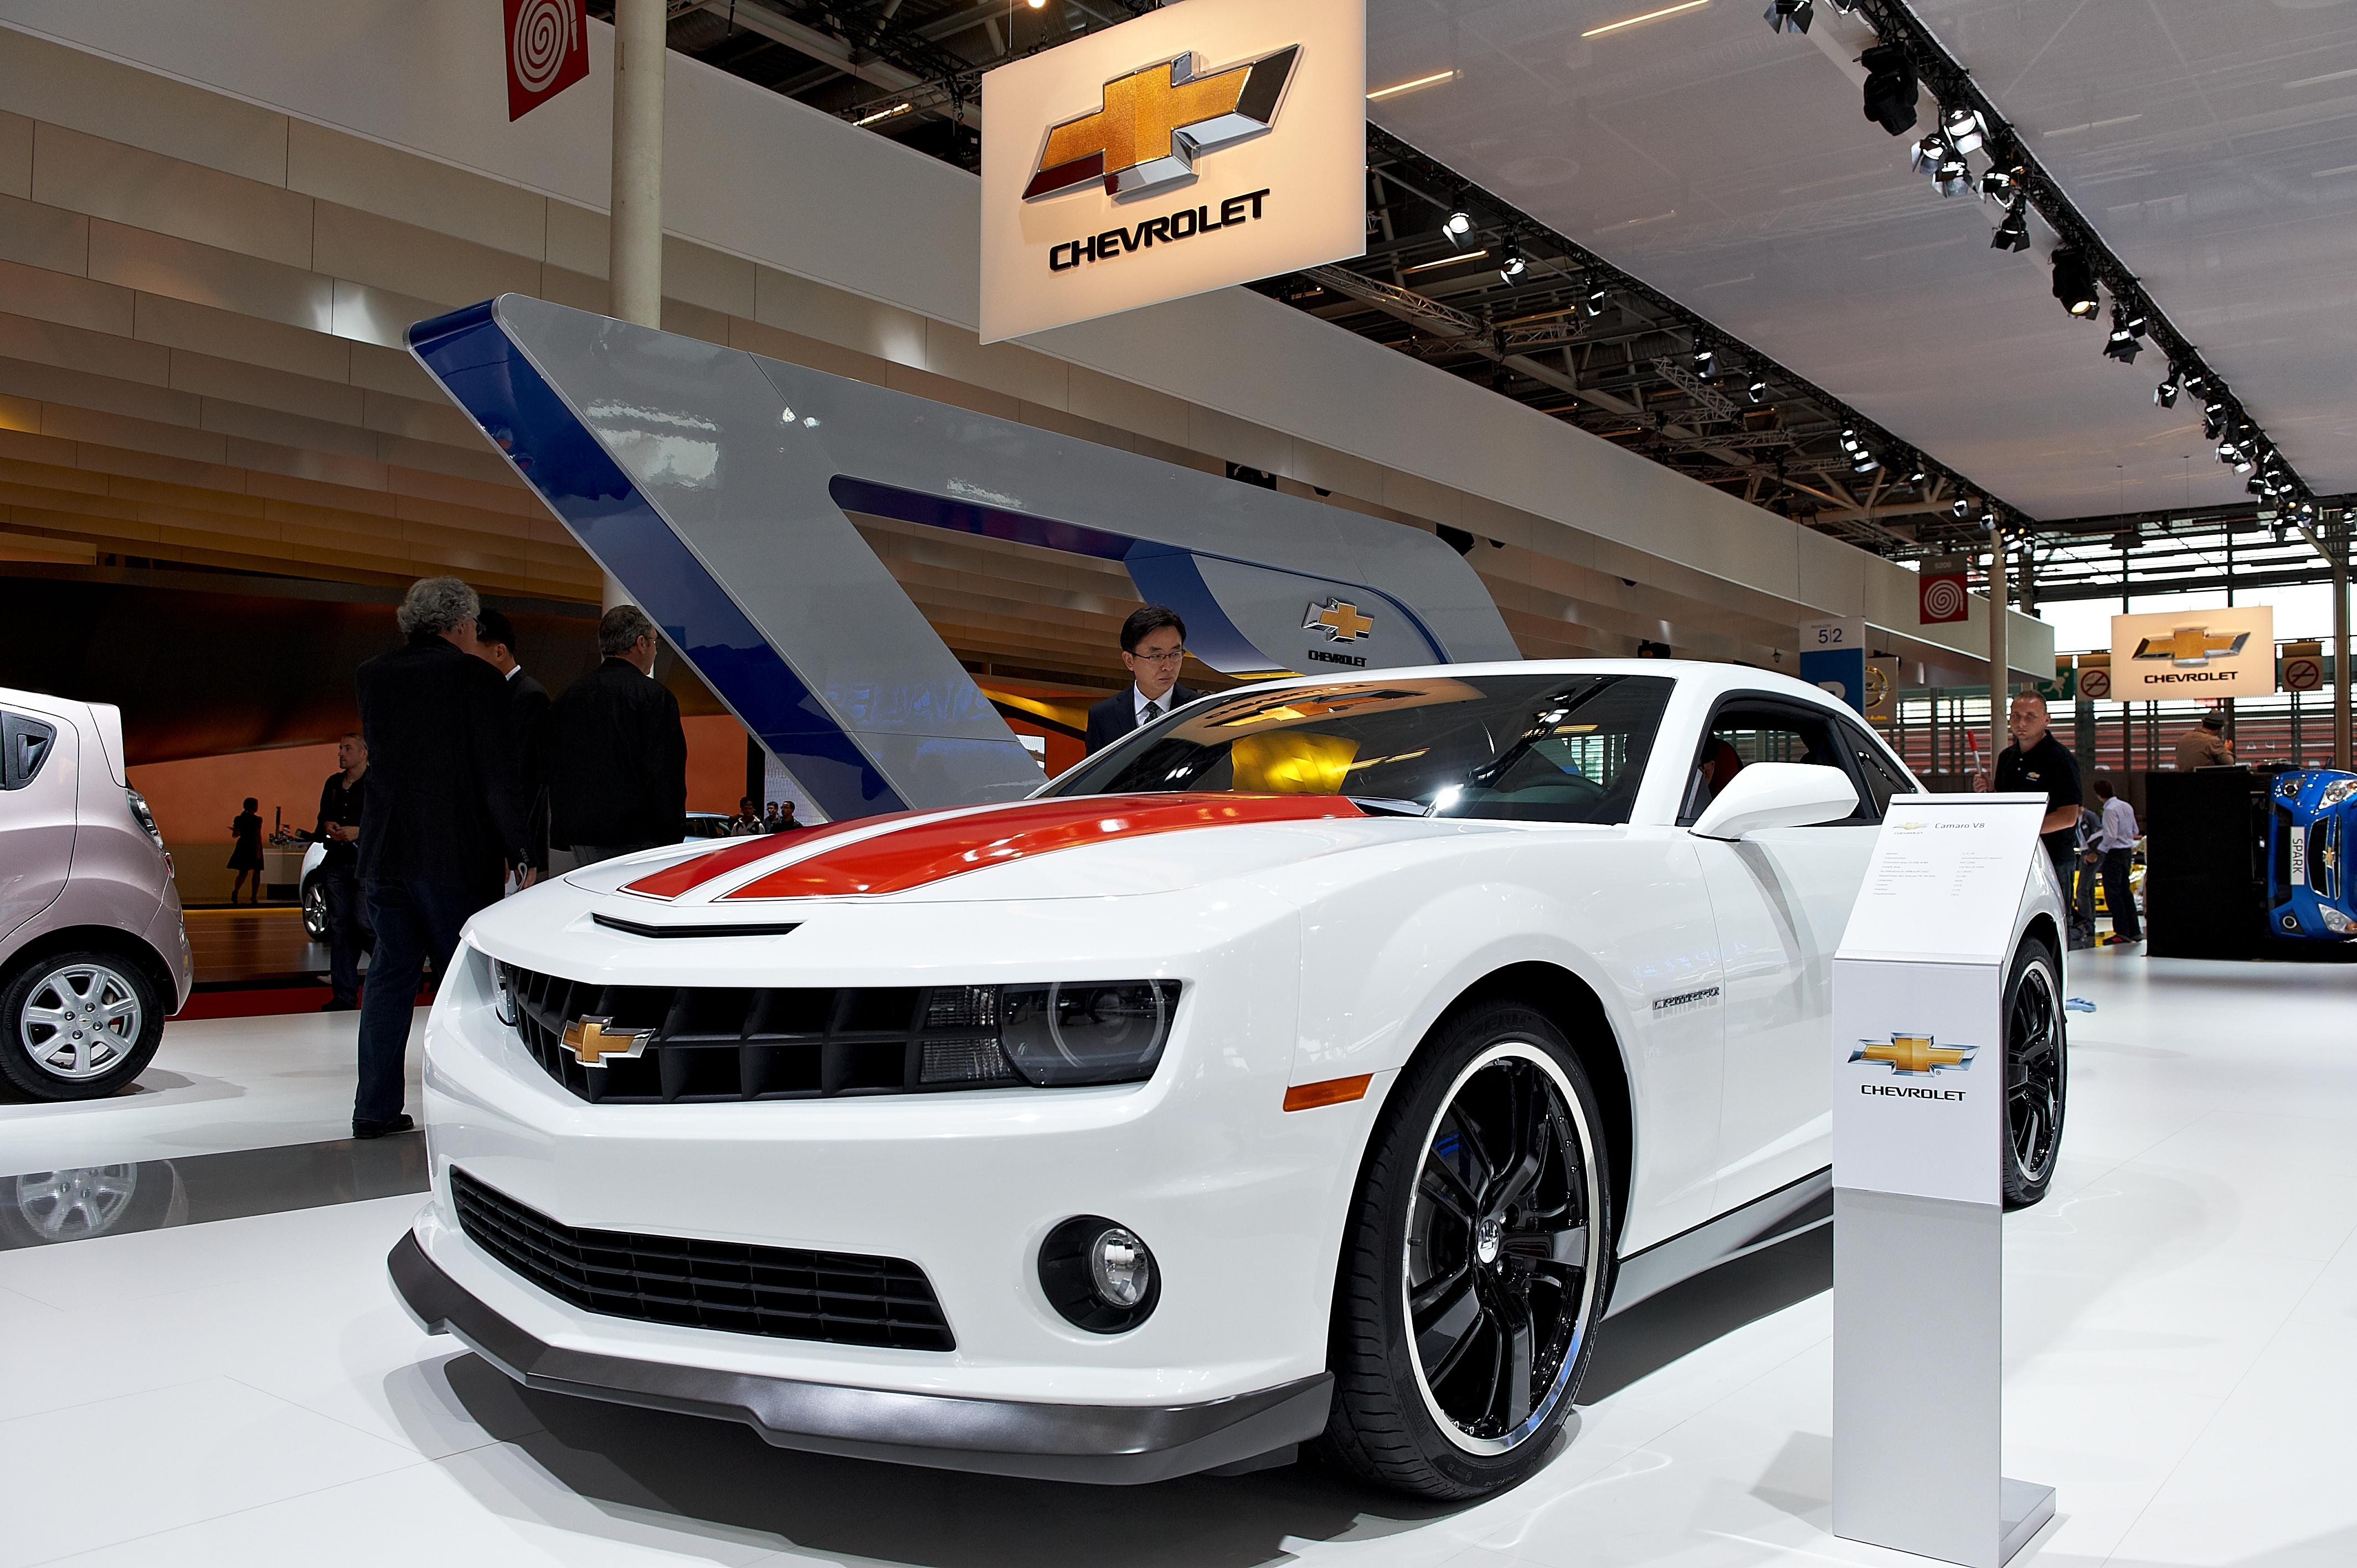 File:Chevrolet Camaro V8 (side).jpg - Wikimedia Commons